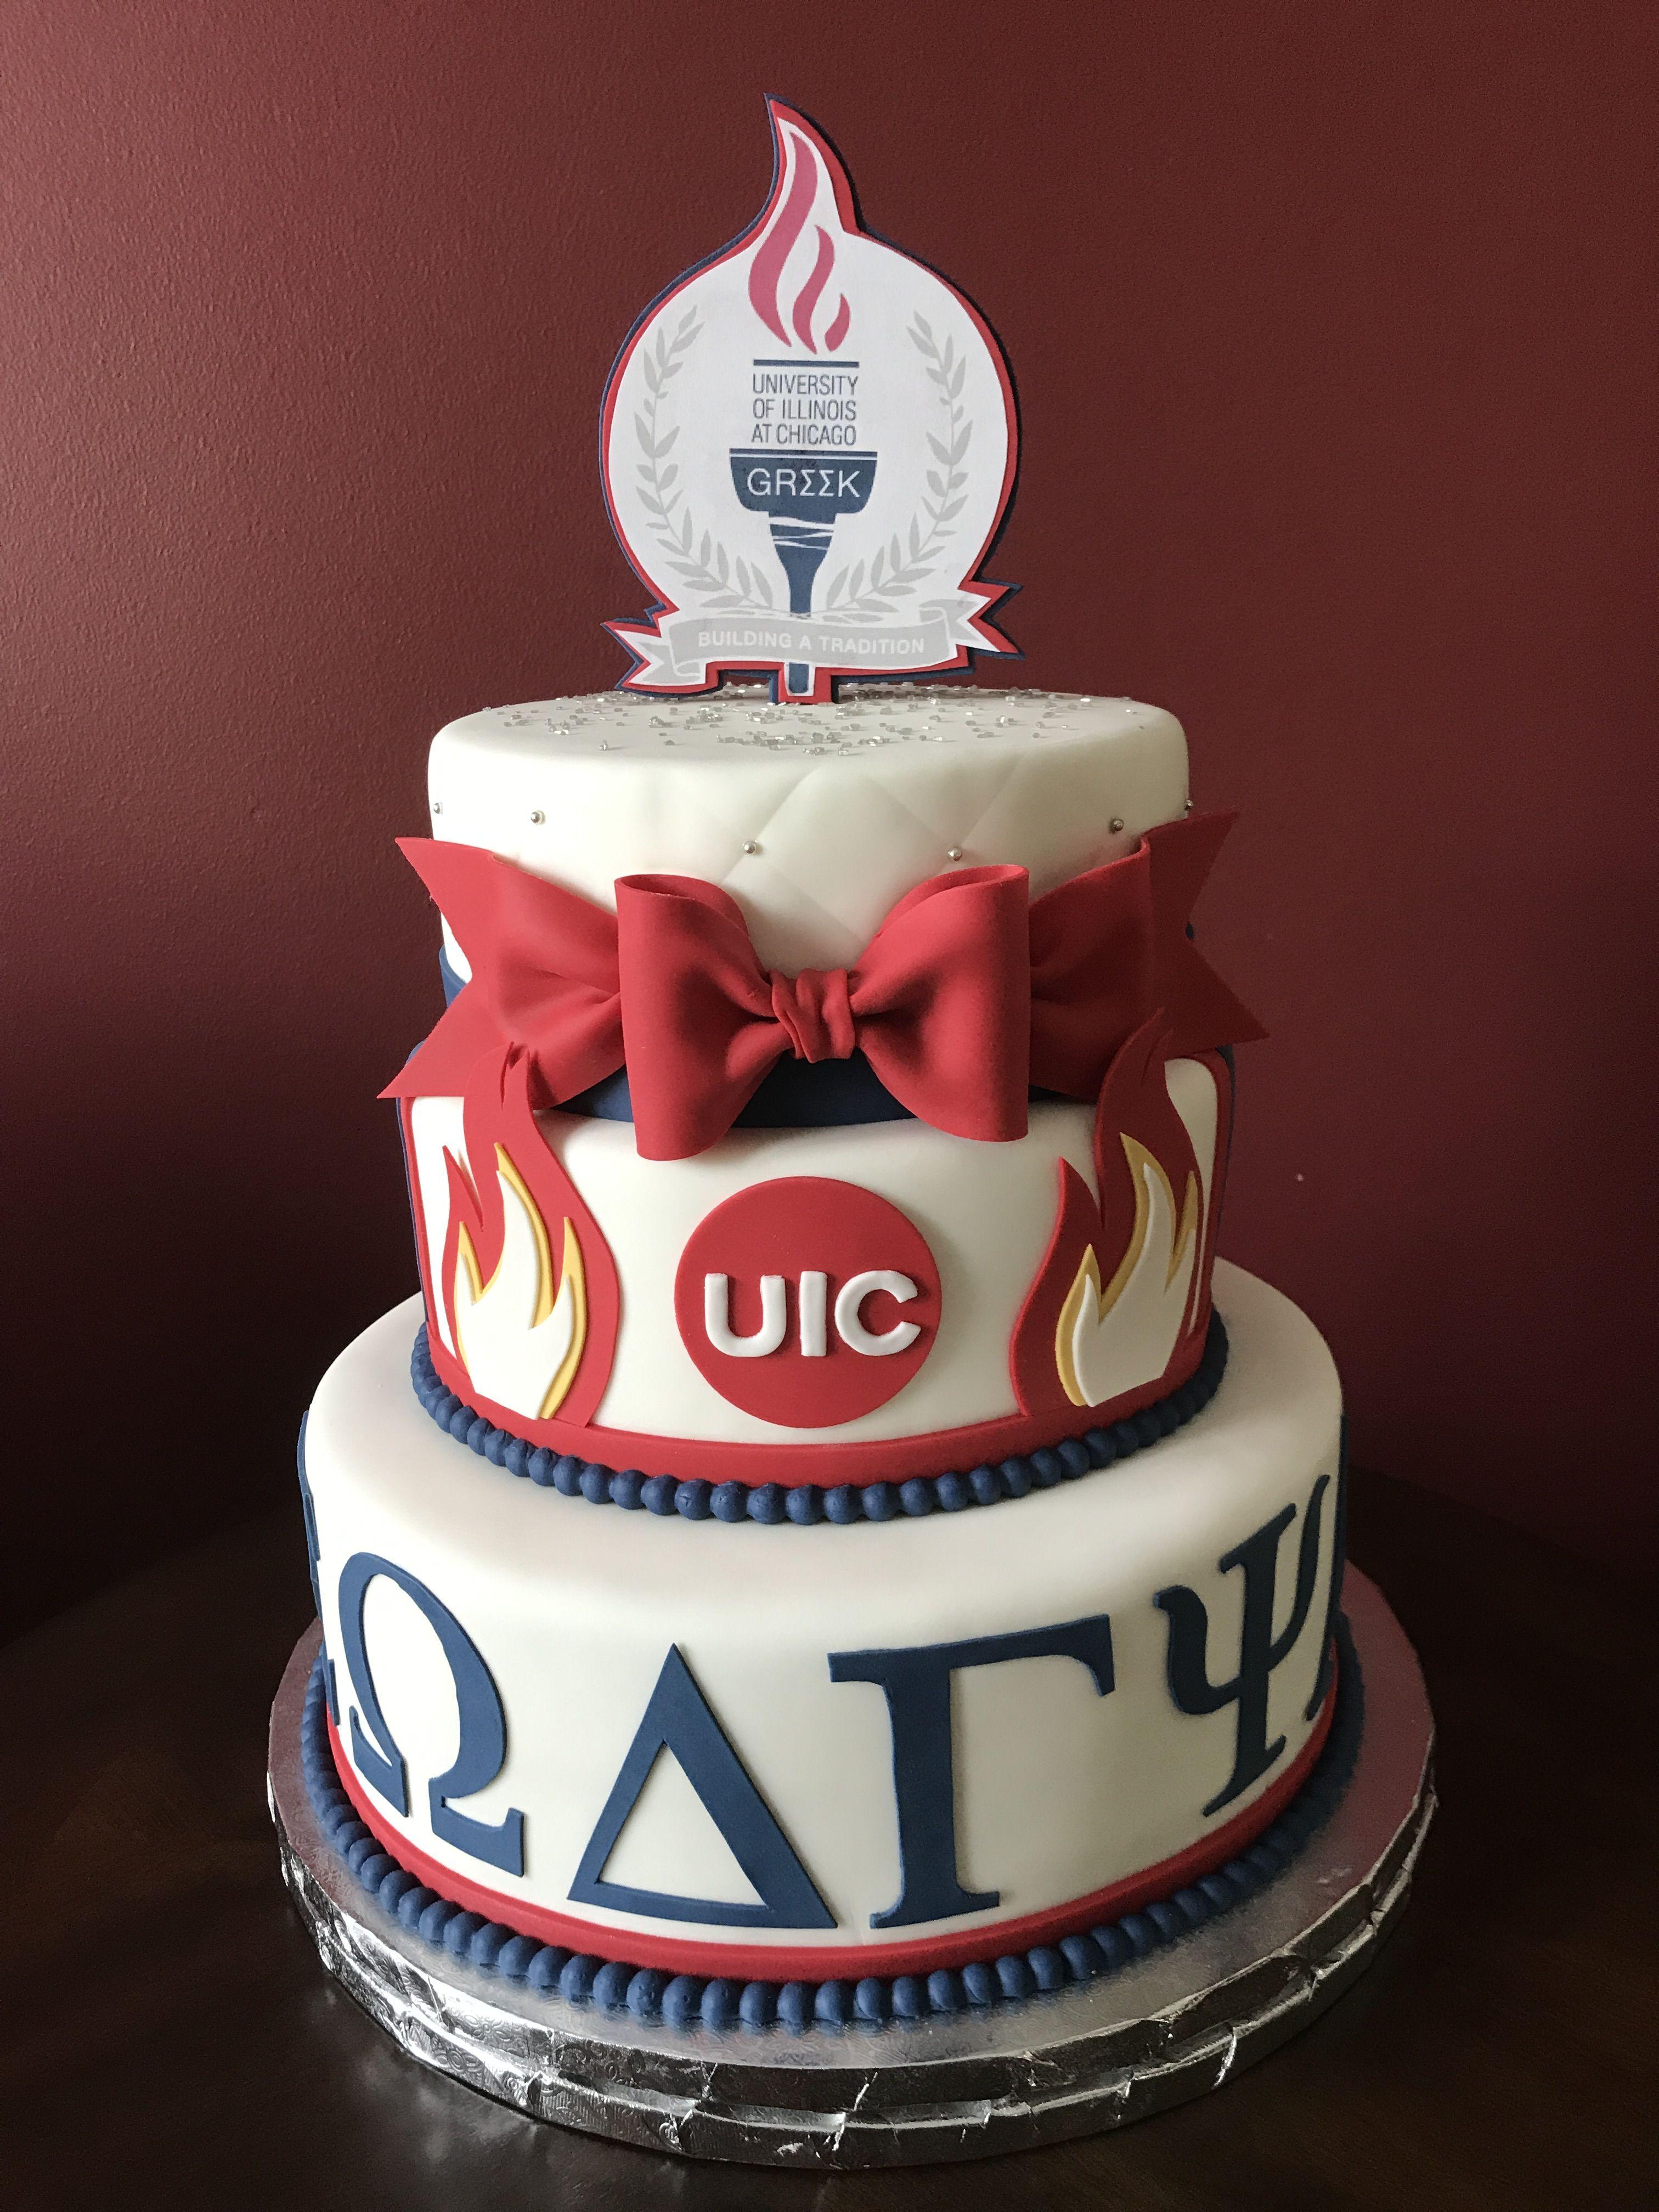 Uic Greek Awards Cake Graduation Cakes Pinterest Cake